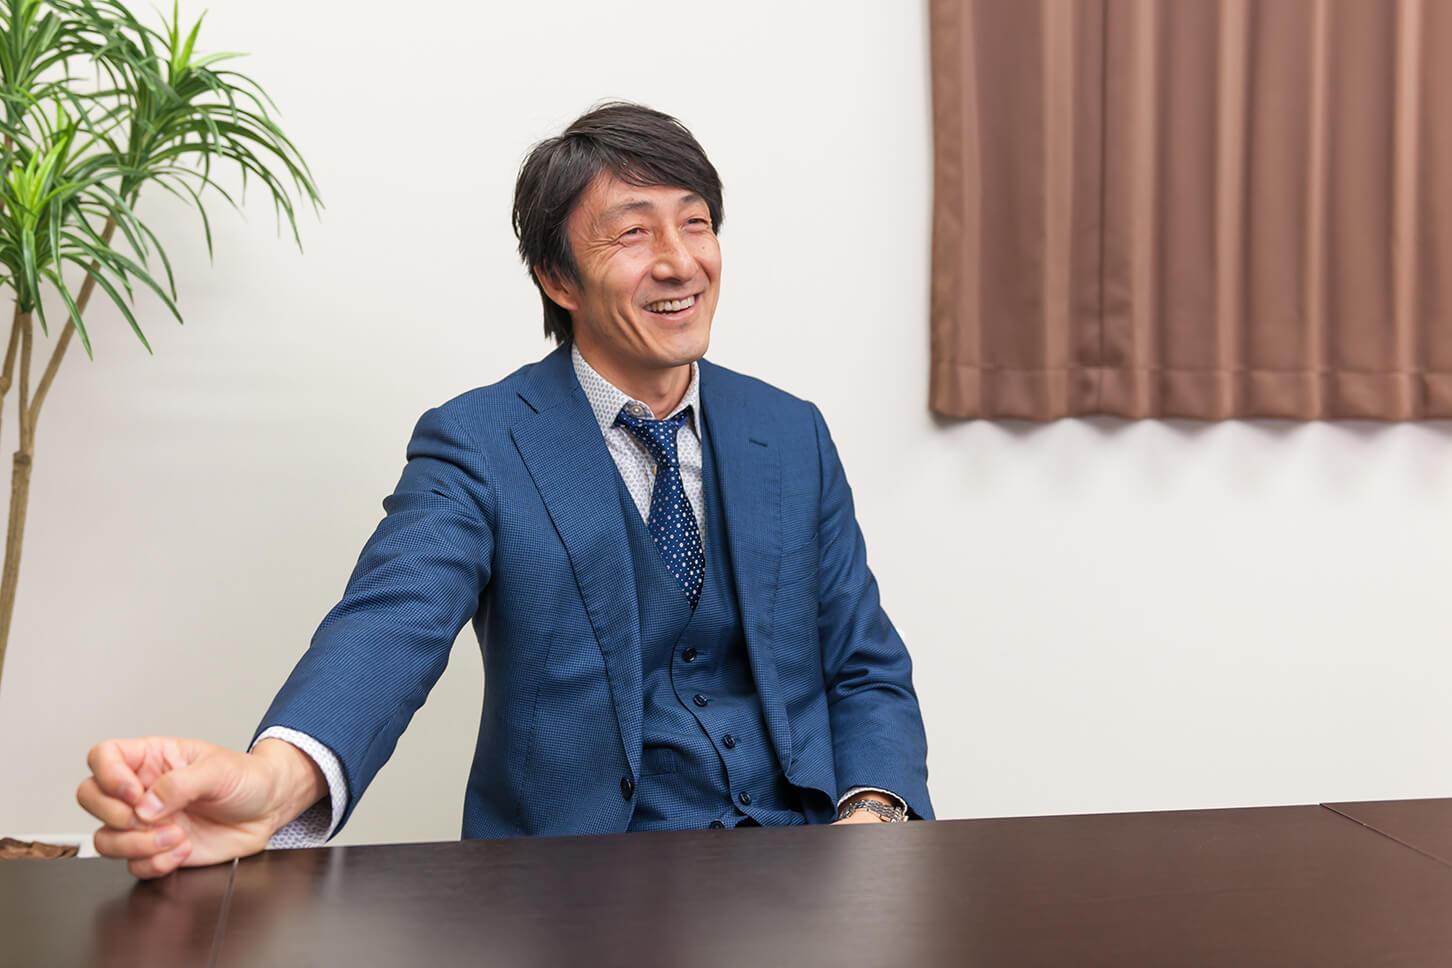 陸上界のレジェンド登場! 朝原宣治さんインタビュー(前編)